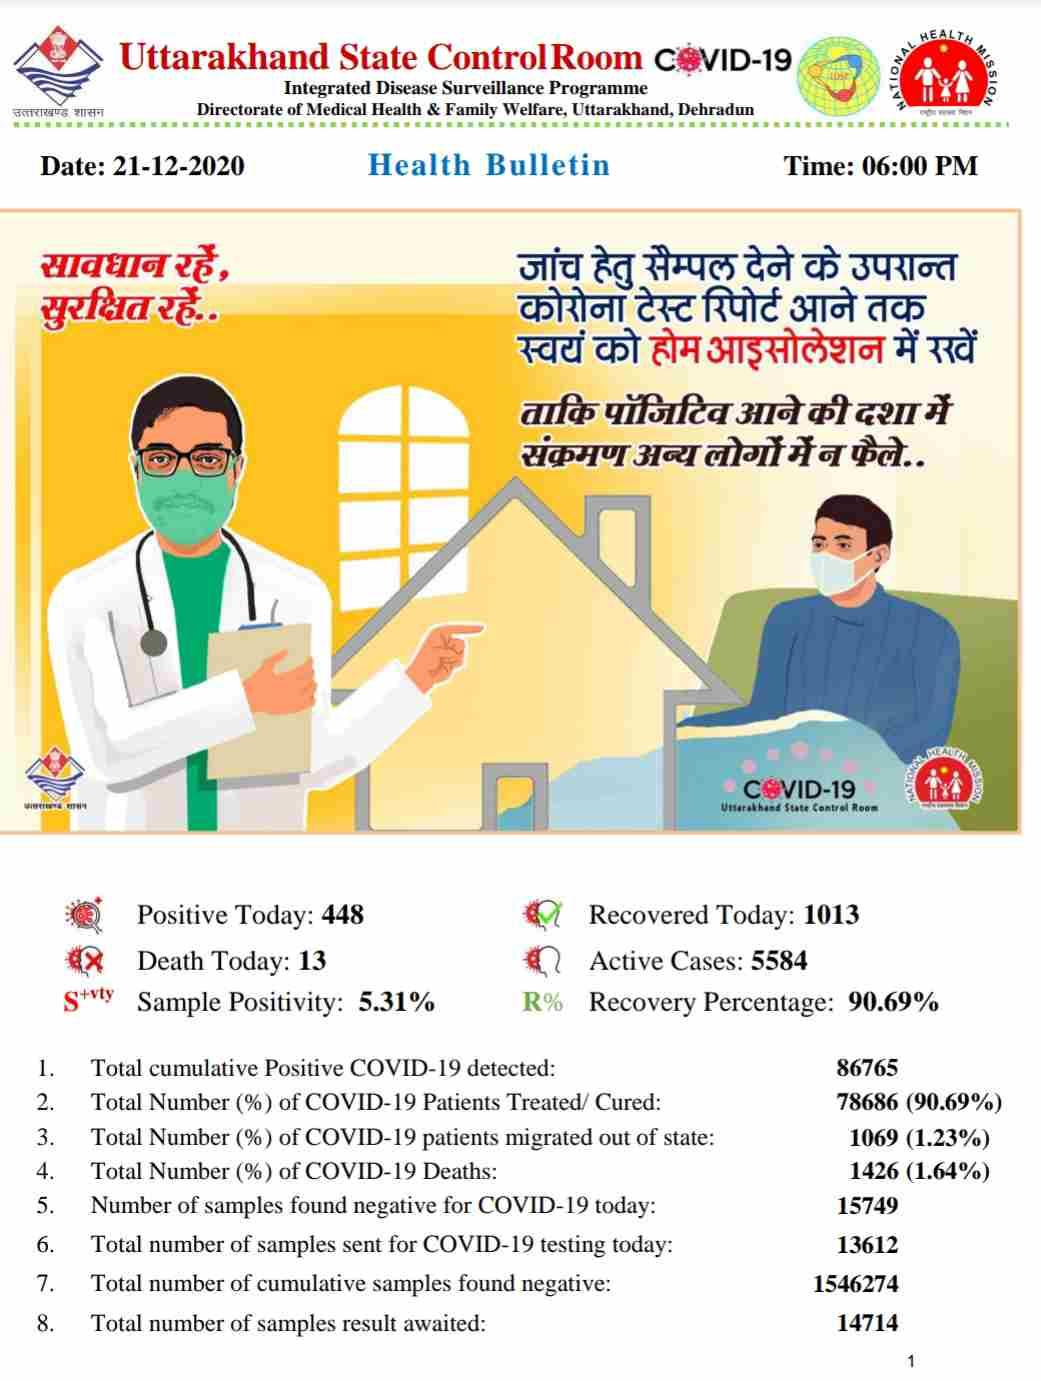 कोरोना बुलेटिन: उत्तराखंड में आज 13 लोगों की मौत, 448 नए कोविड-19 मरीज़, 1013 हुए आज स्वास्थ्य 2